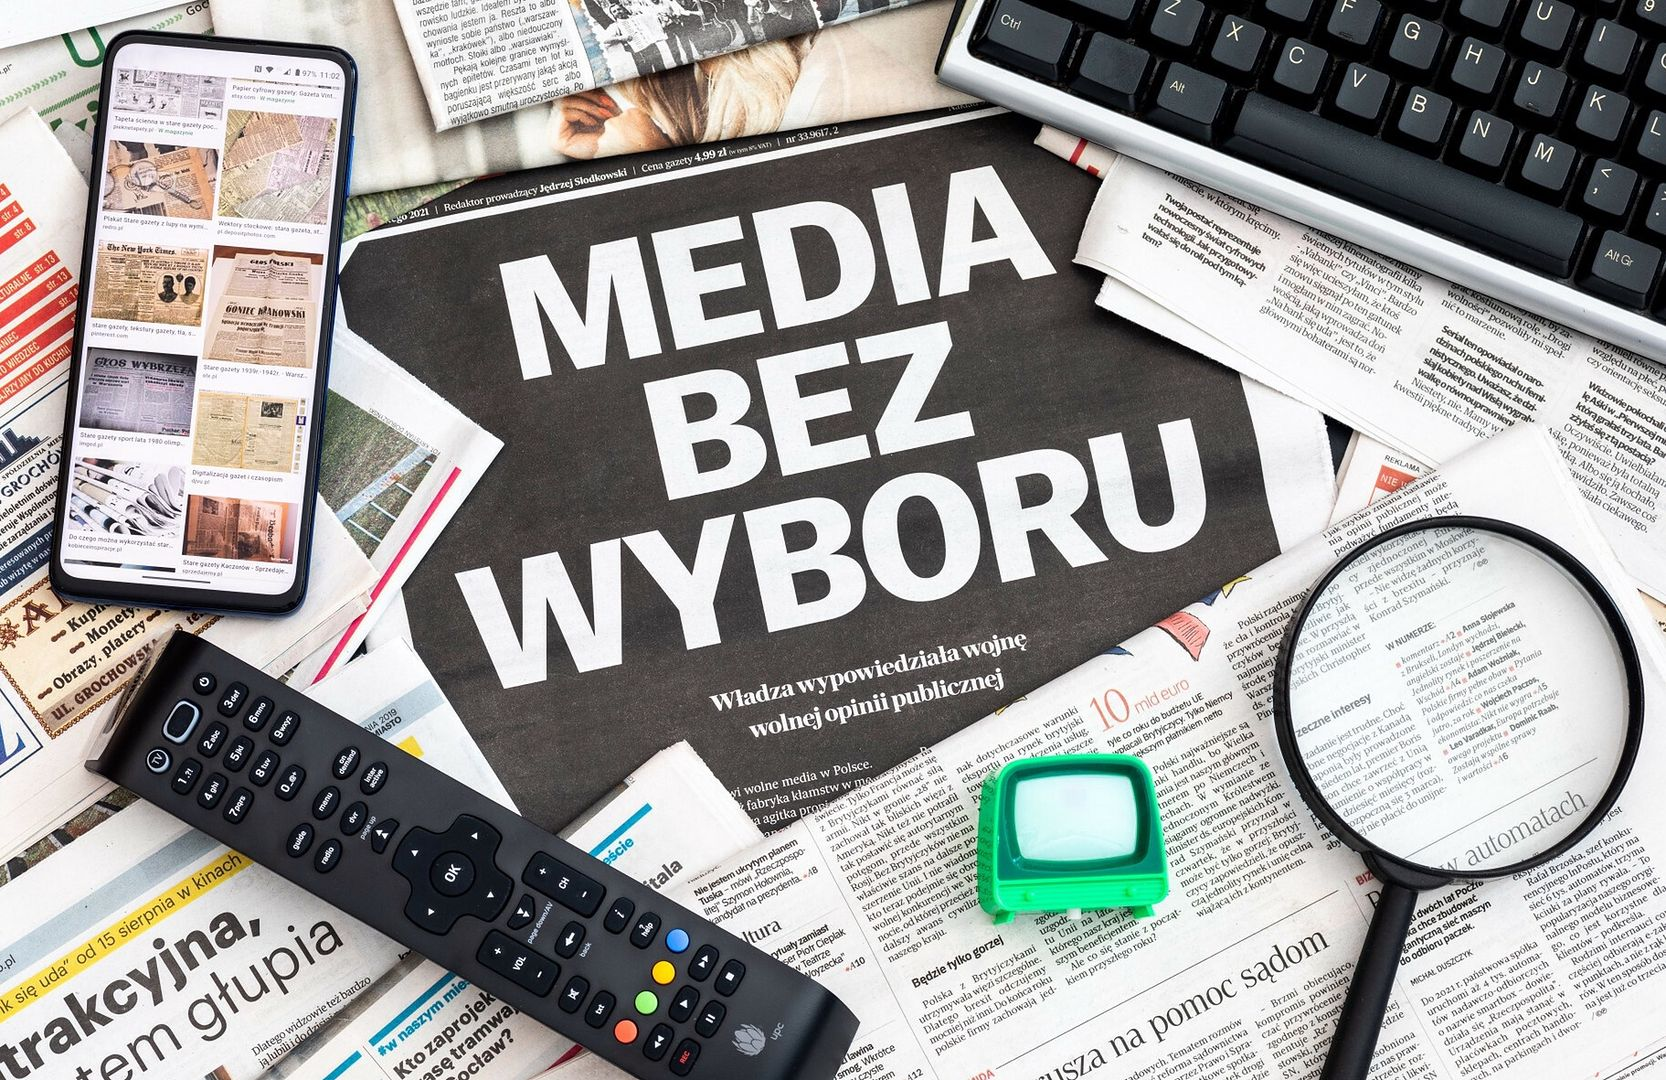 Żakowski o proteście mediów: Pieniądze to nie wszystko [OPINIA]